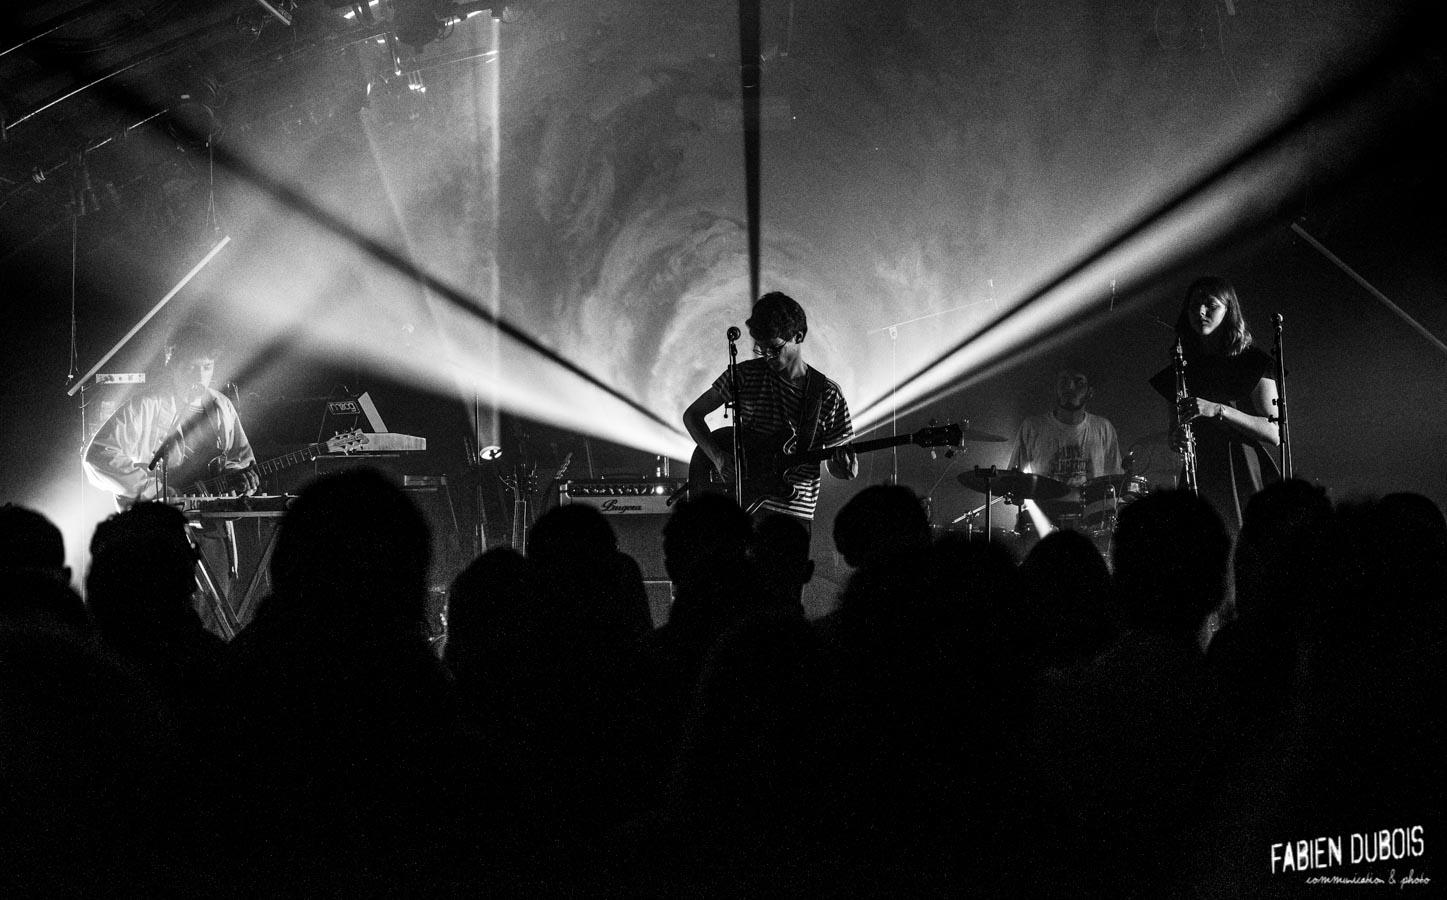 Photo Mauve Celestine Cavazik Cave Musique Mâcon France 2017